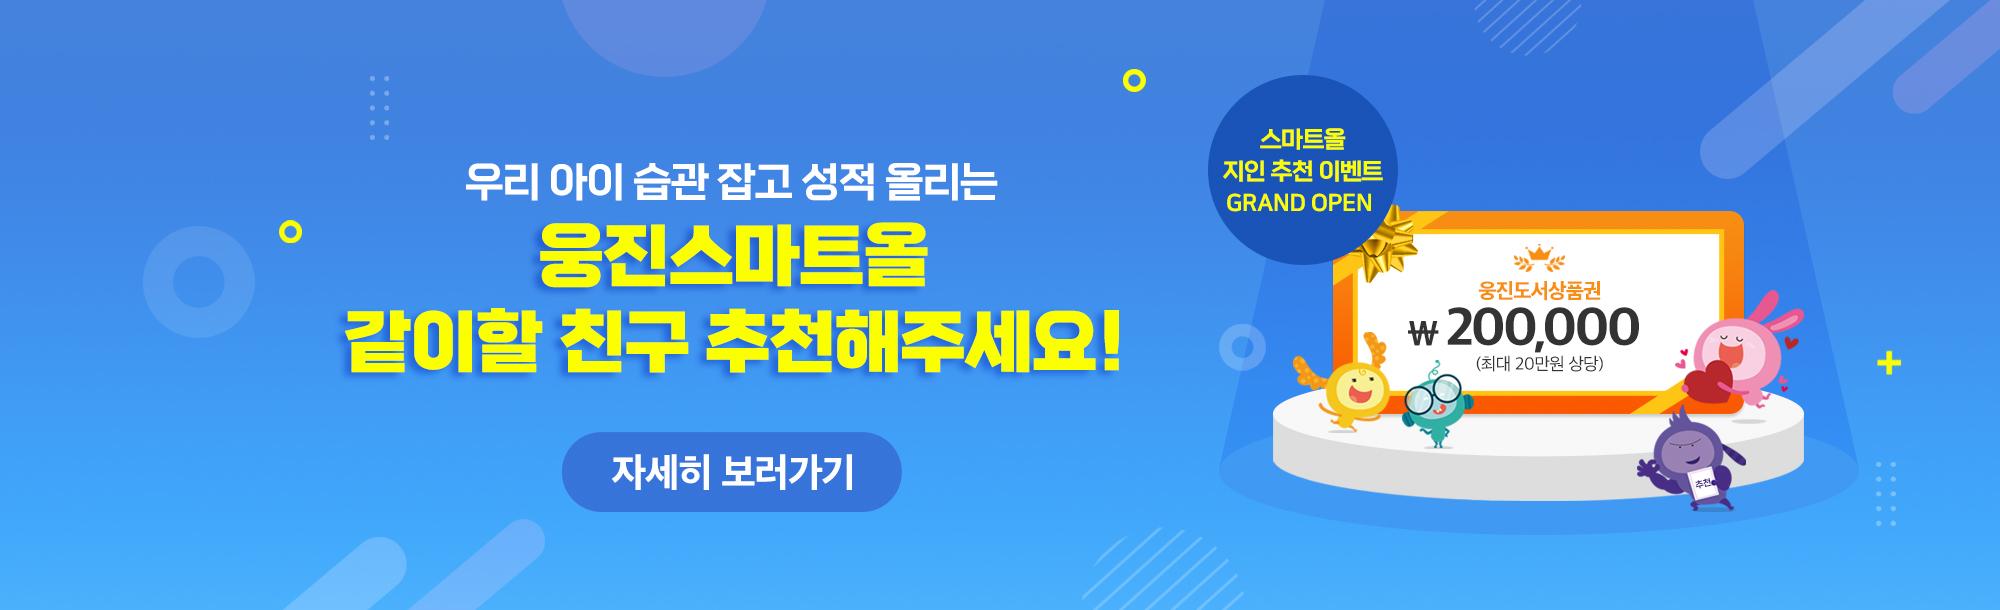 스마트올 지인 추천 이벤트 그랜드 오픈!